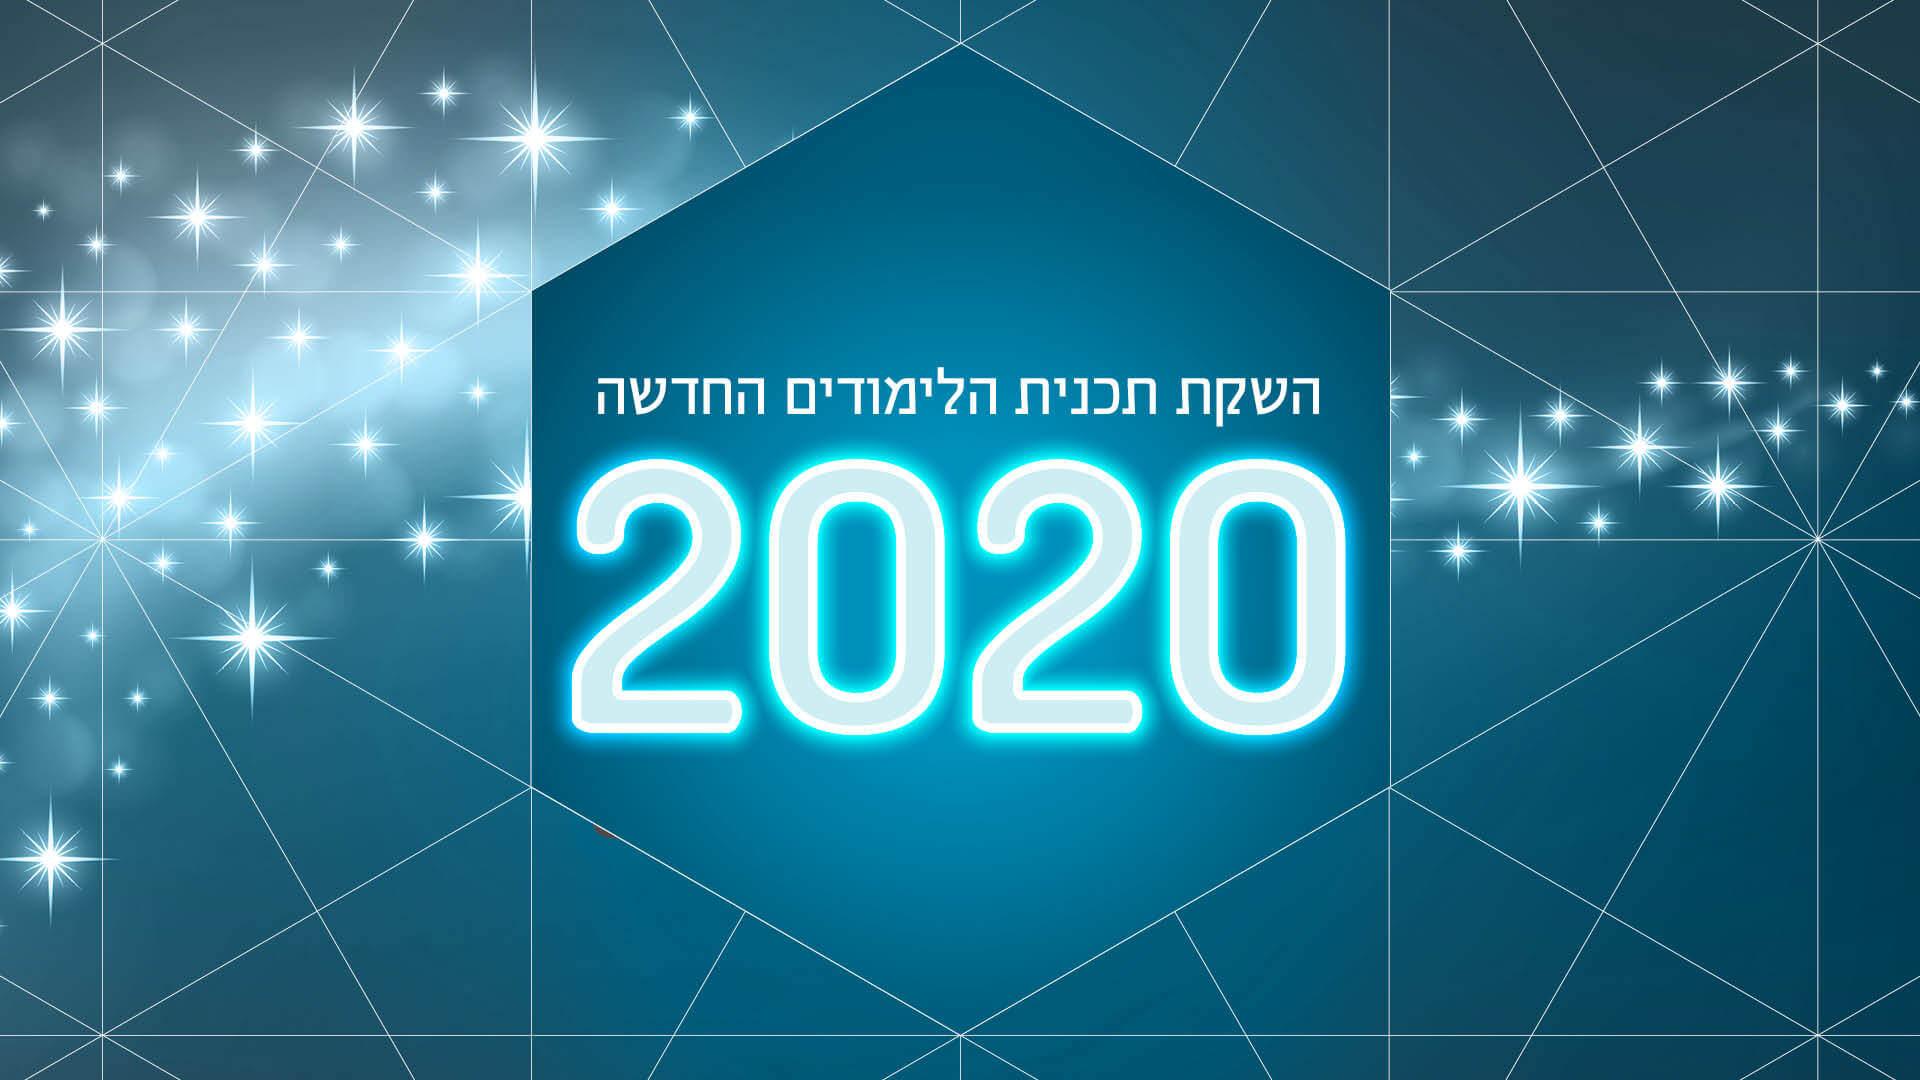 השקת תכנית הלימודים החדשה  13.1.2020 יום שני בשעה 19:00 מרכז הקבלה, רח' לילינבלום 13, תל אביב